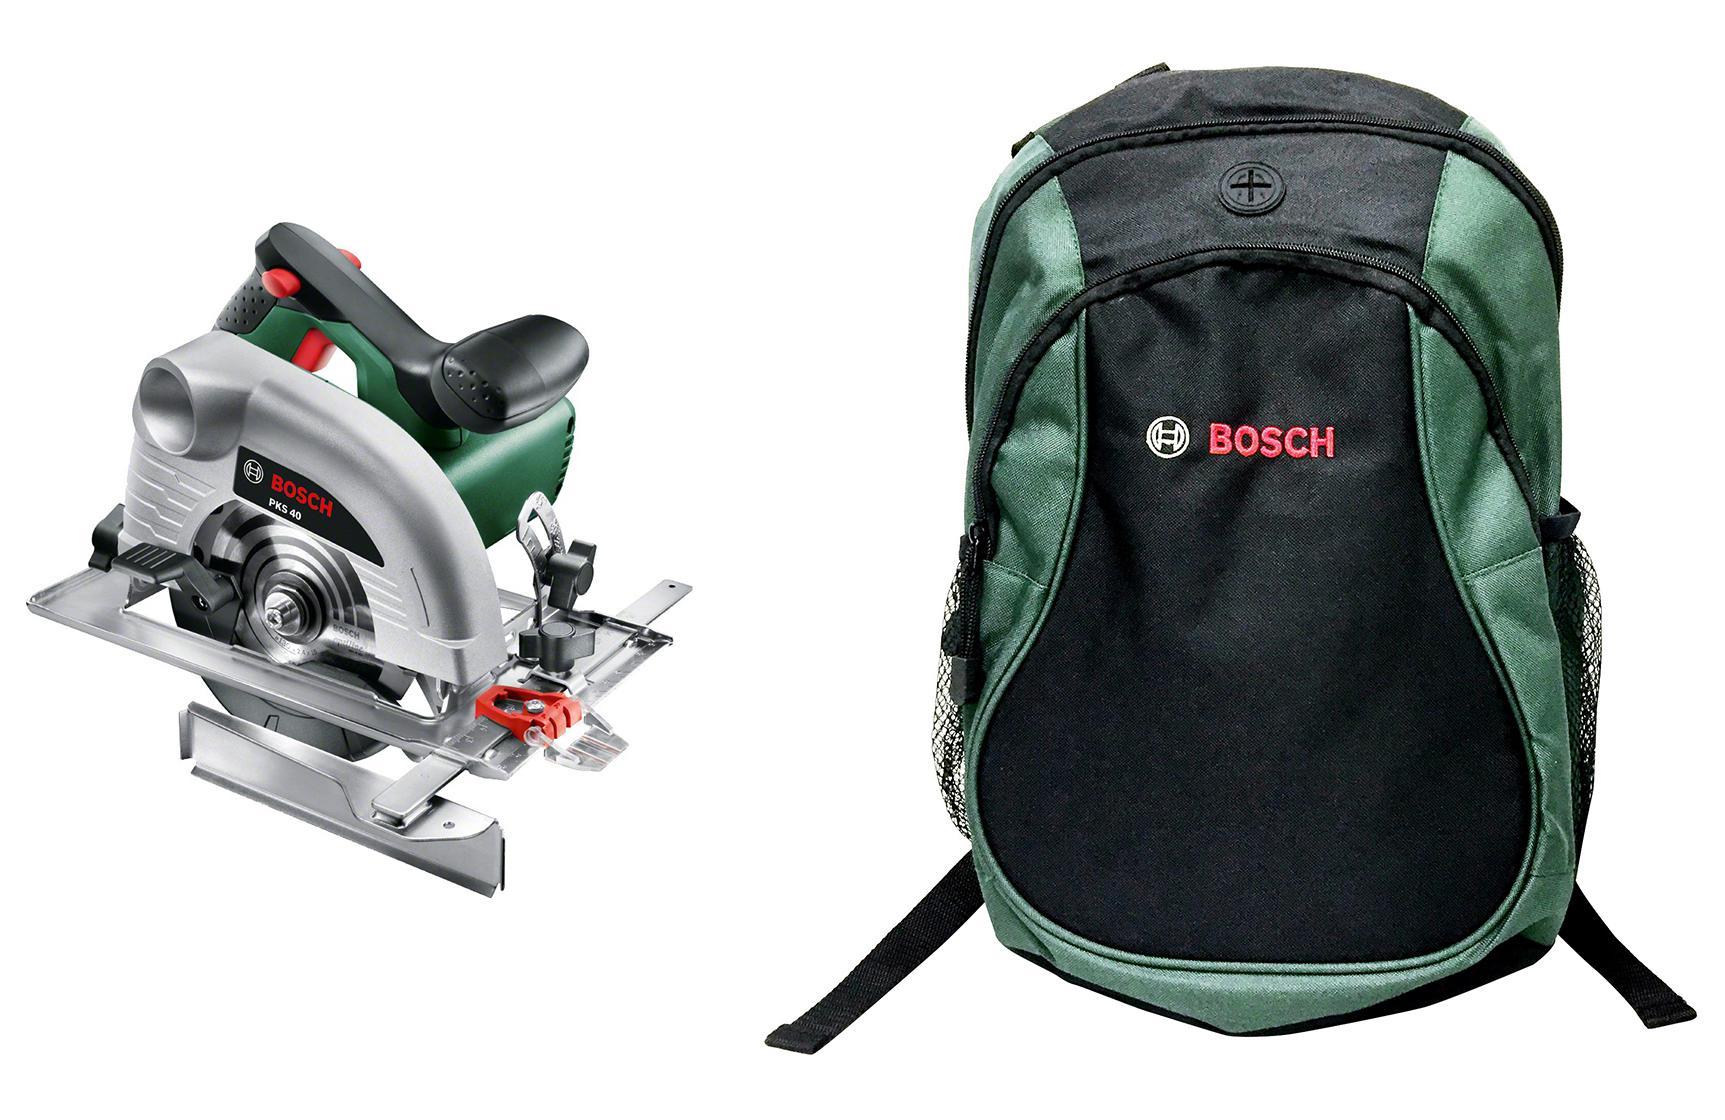 Набор Bosch Пила циркулярная pks 40 + рюкзак green (1619g45200) пила циркулярная bosch pks 55 a 0 603 501 020